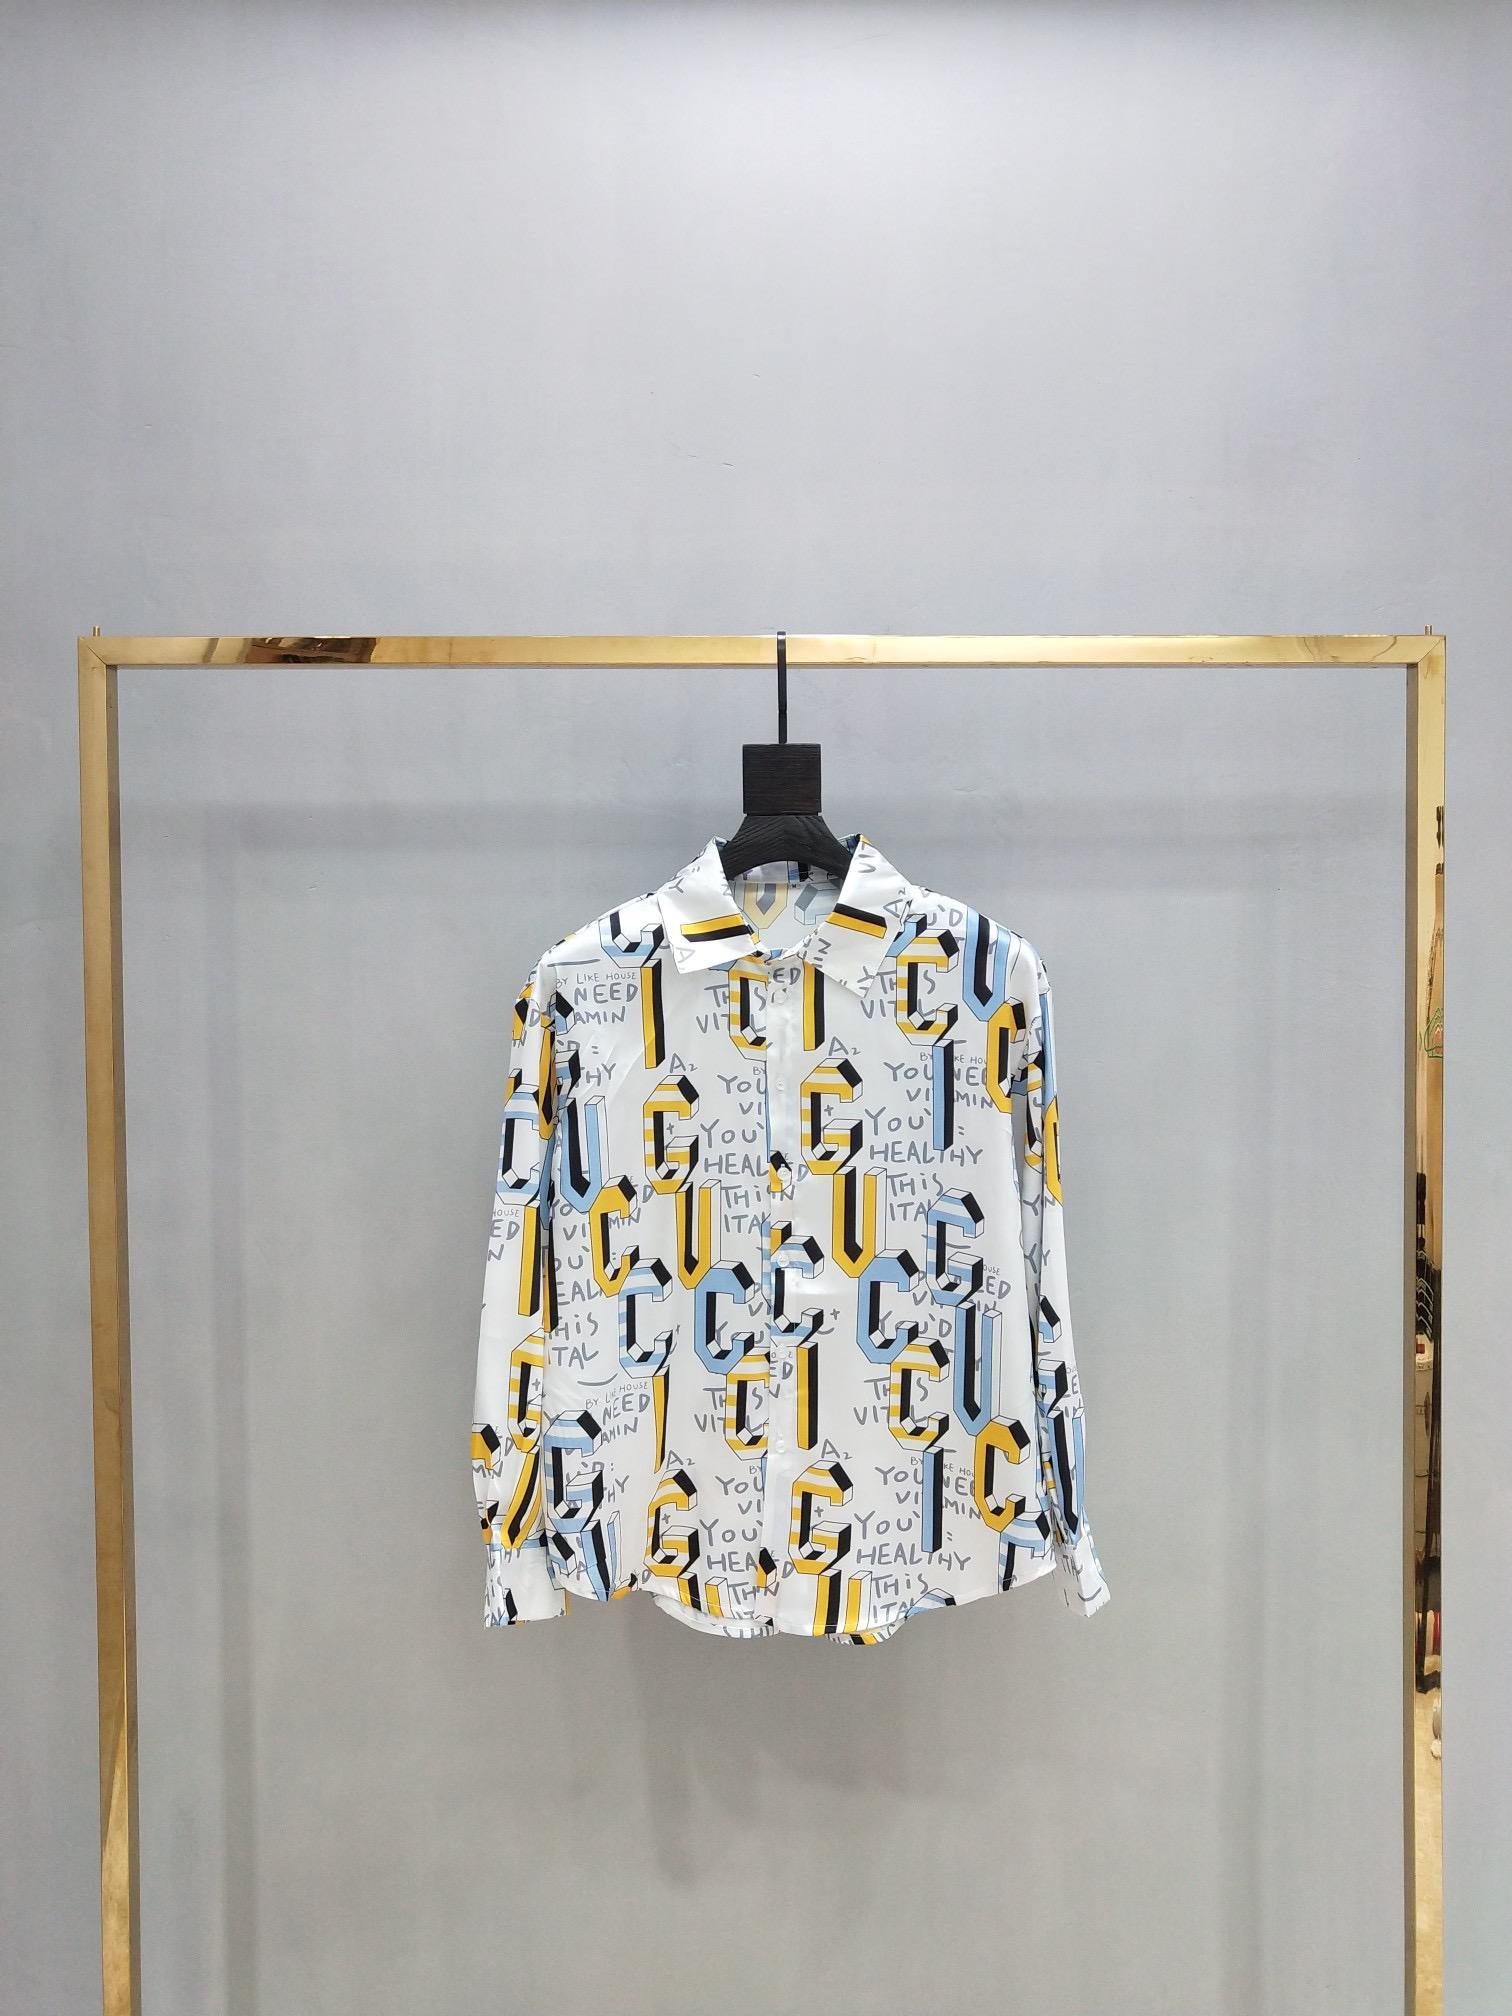 2020 Lieferung der neuen Herren- und Kapuzenjacke Student lässig Wolljacke Männer und Frauen Frauen Kapuzenjacke T-Shirt k25